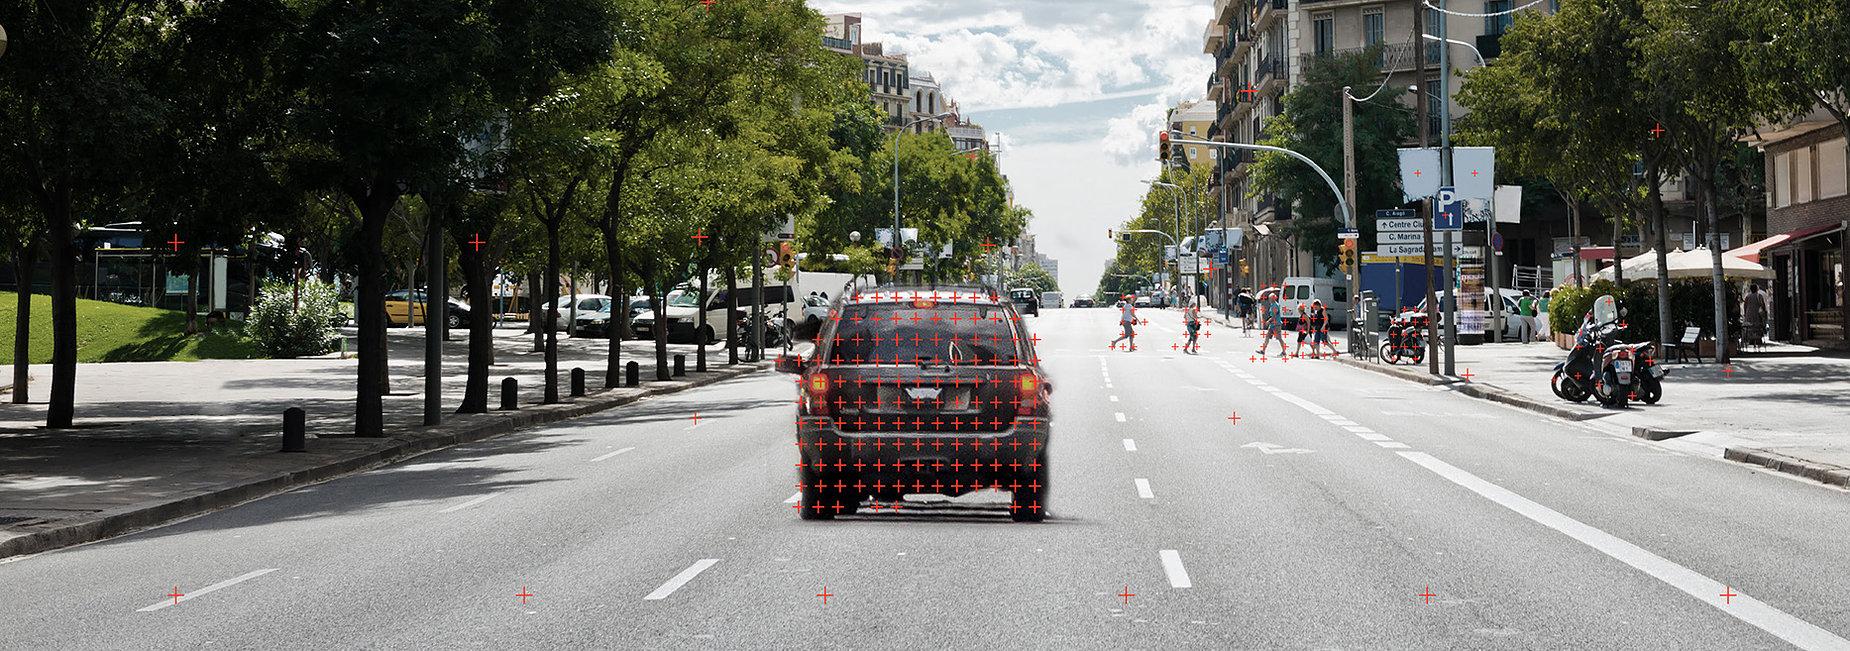 Vayavision finanziert Fahrzeugwahrnehmungssystem